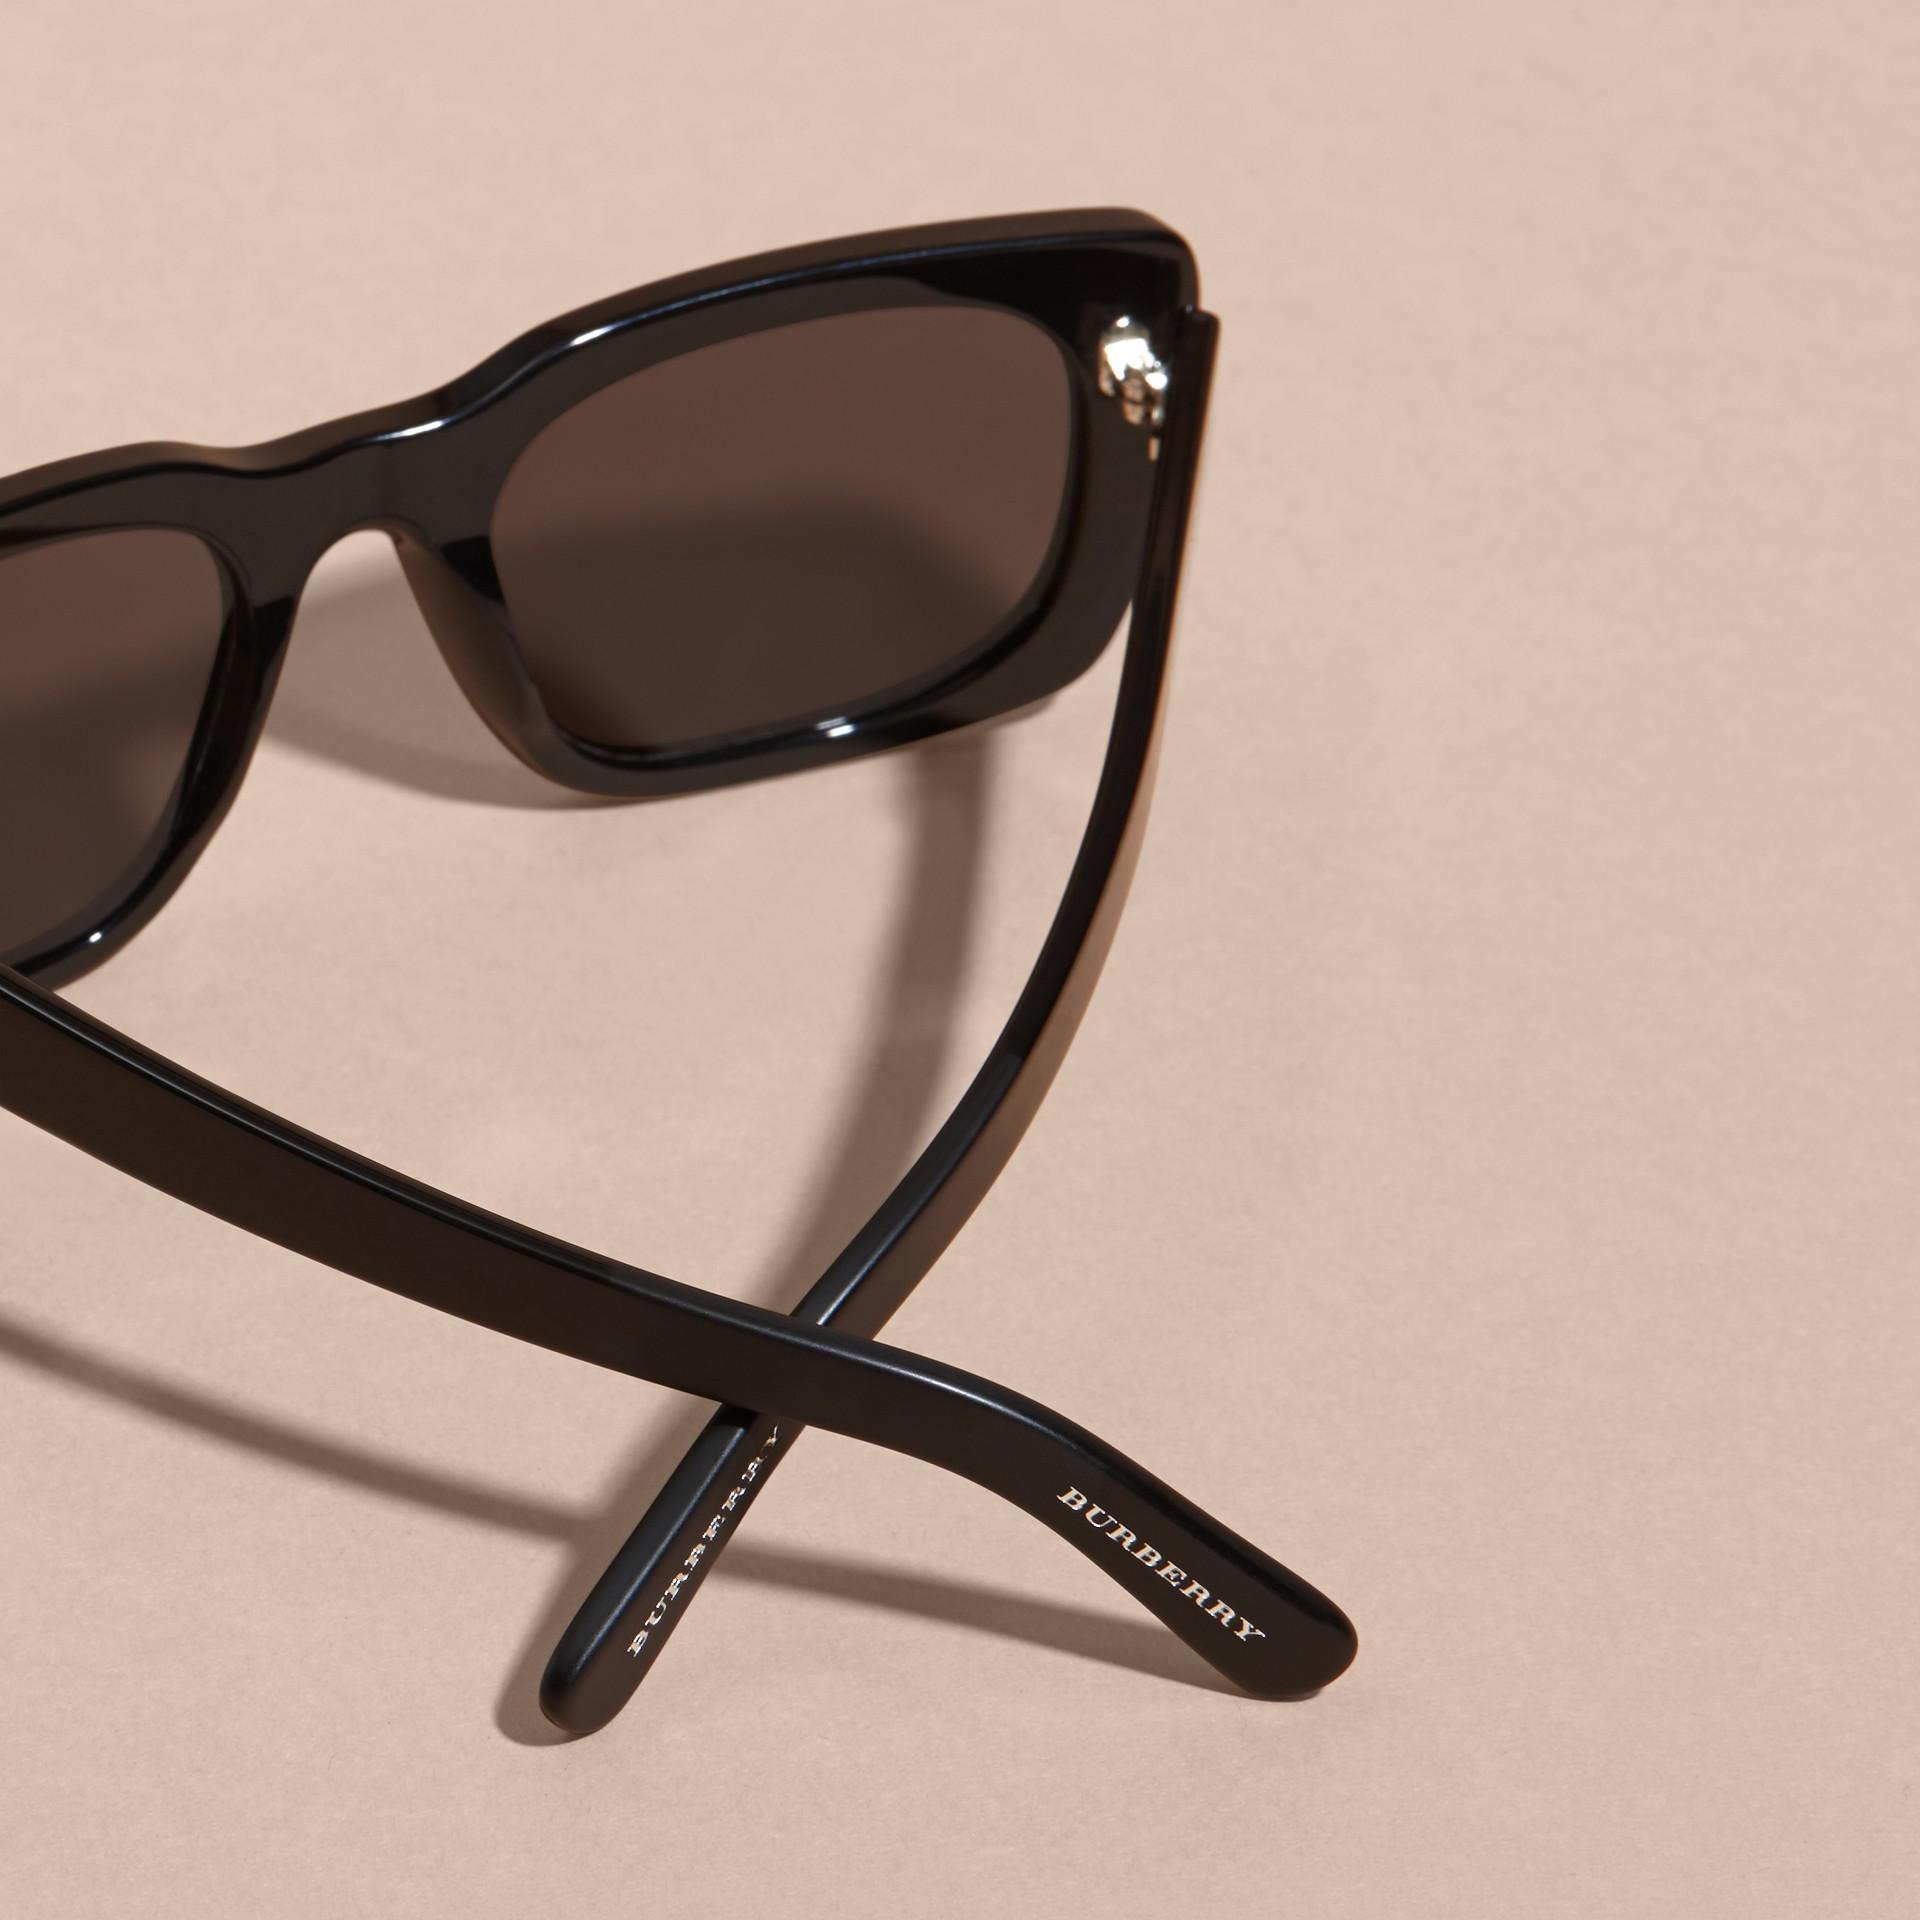 Negro Gafas de sol con montura cuadrada Negro - imagen de la galería 3